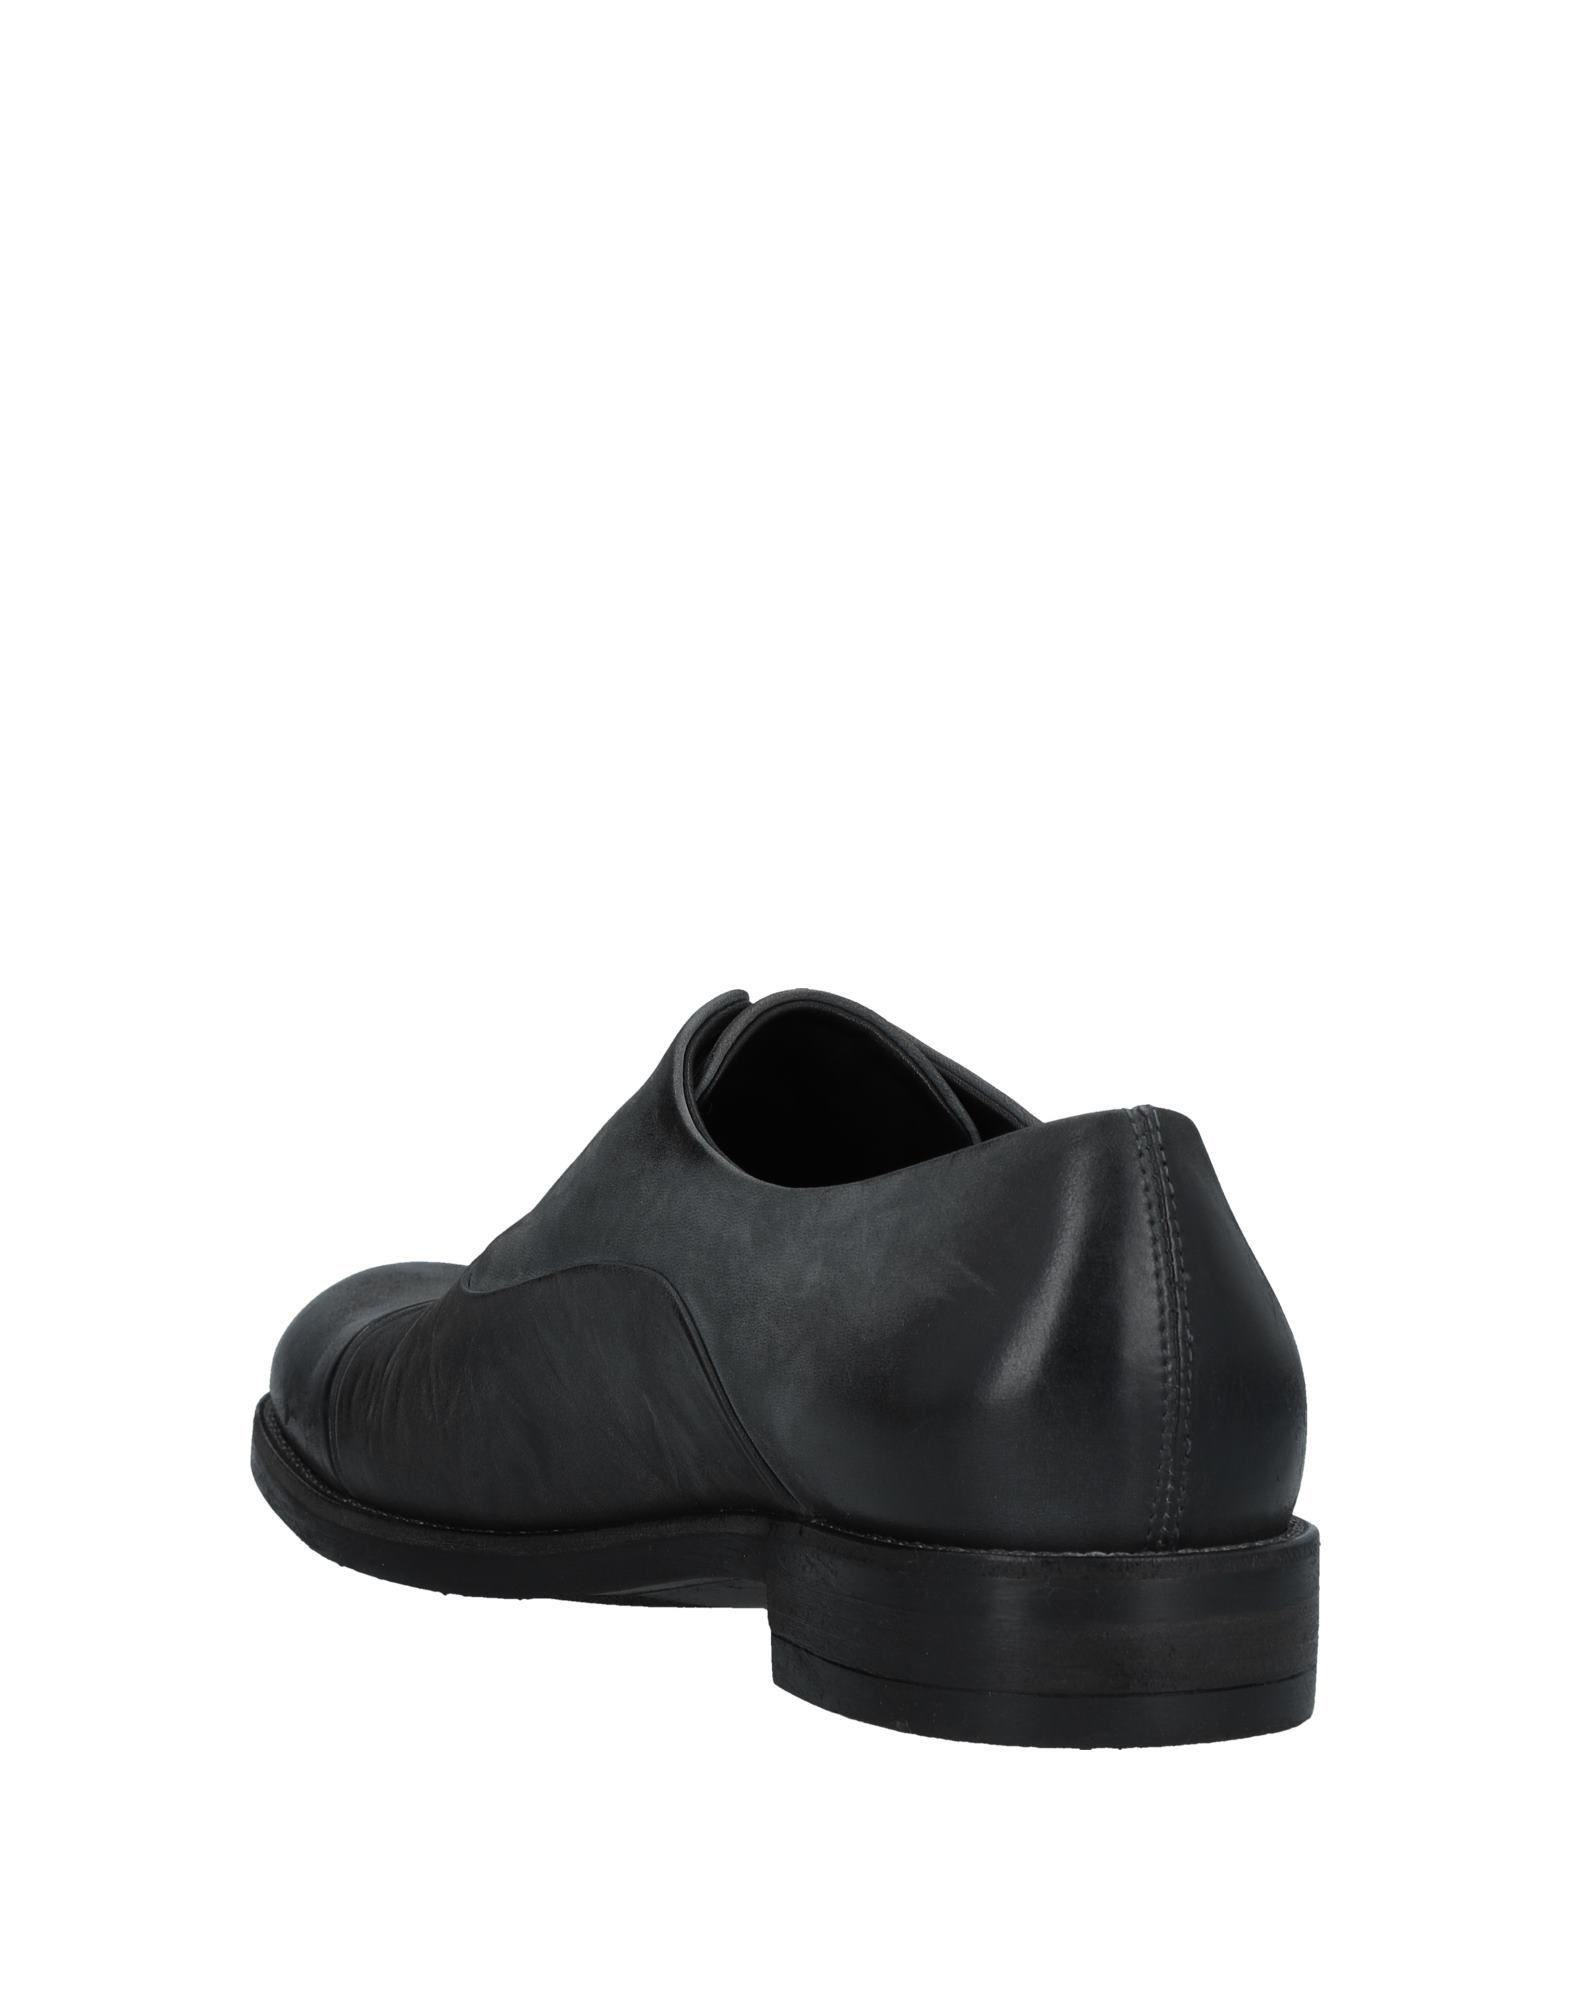 John Varvatos Mokassins Herren  Schuhe 11536323NU Gute Qualität beliebte Schuhe  286b49